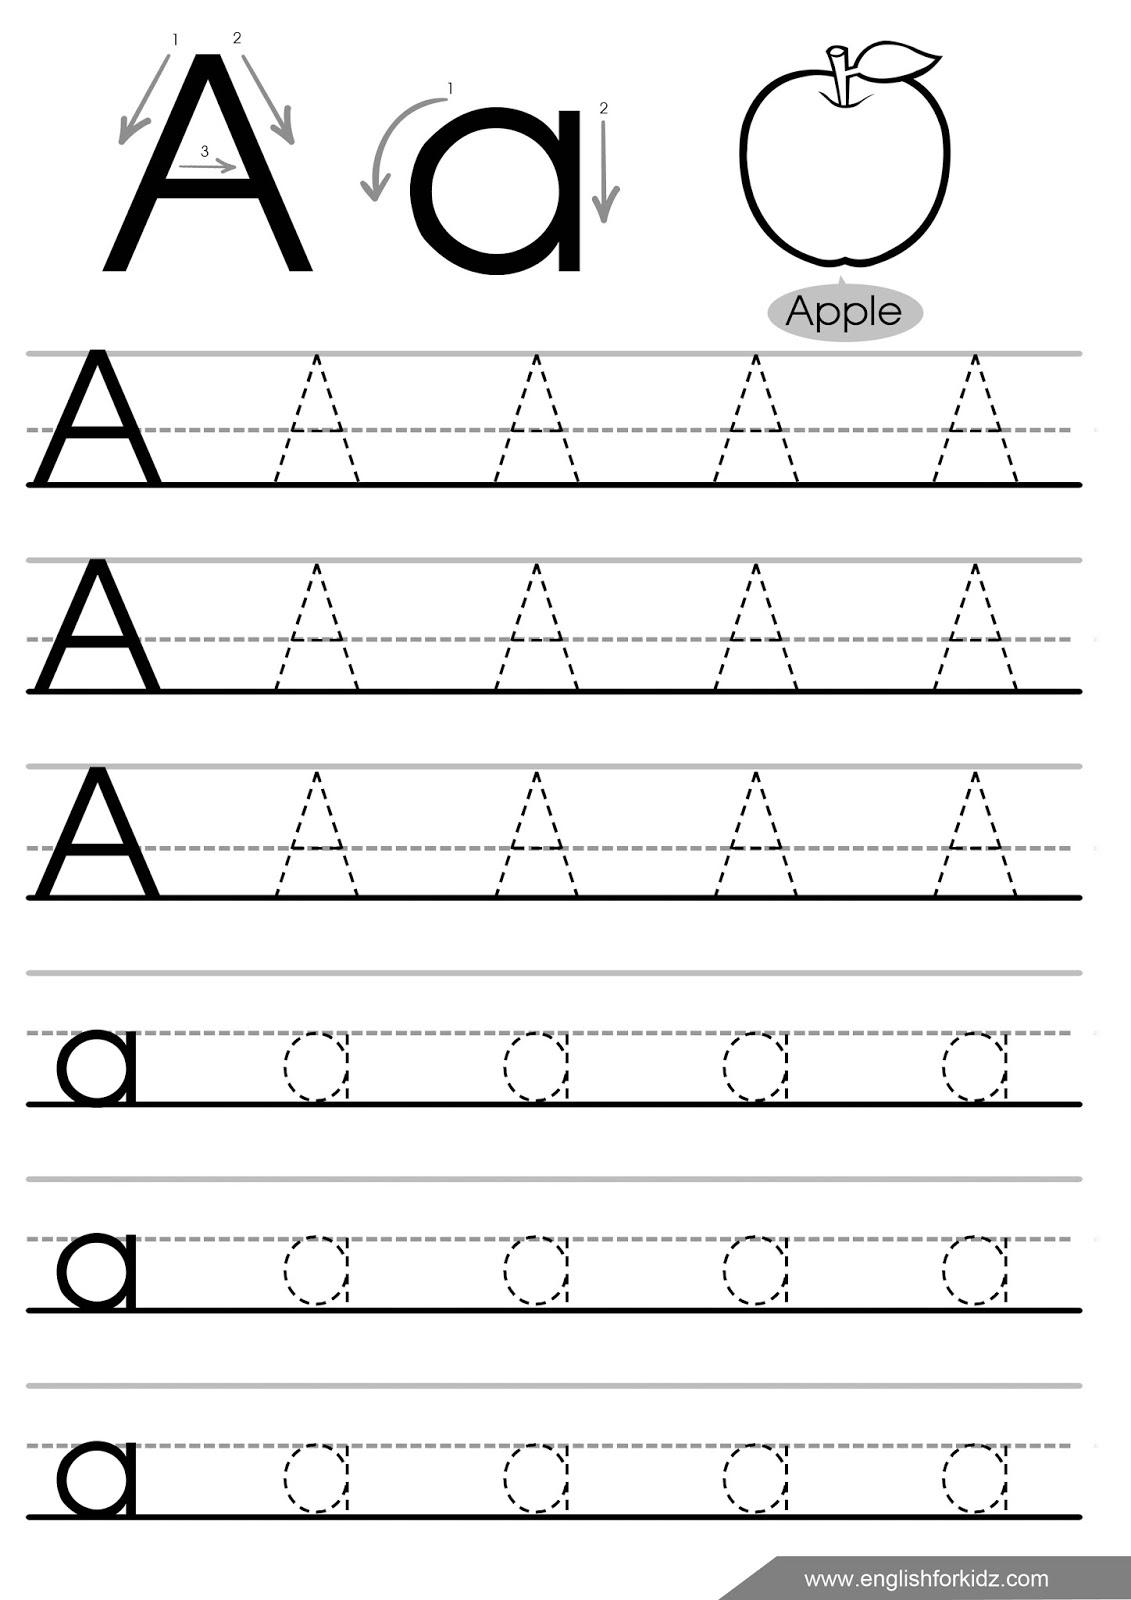 Letter Tracing Worksheets (Letters A - J) for Letter Worksheets A